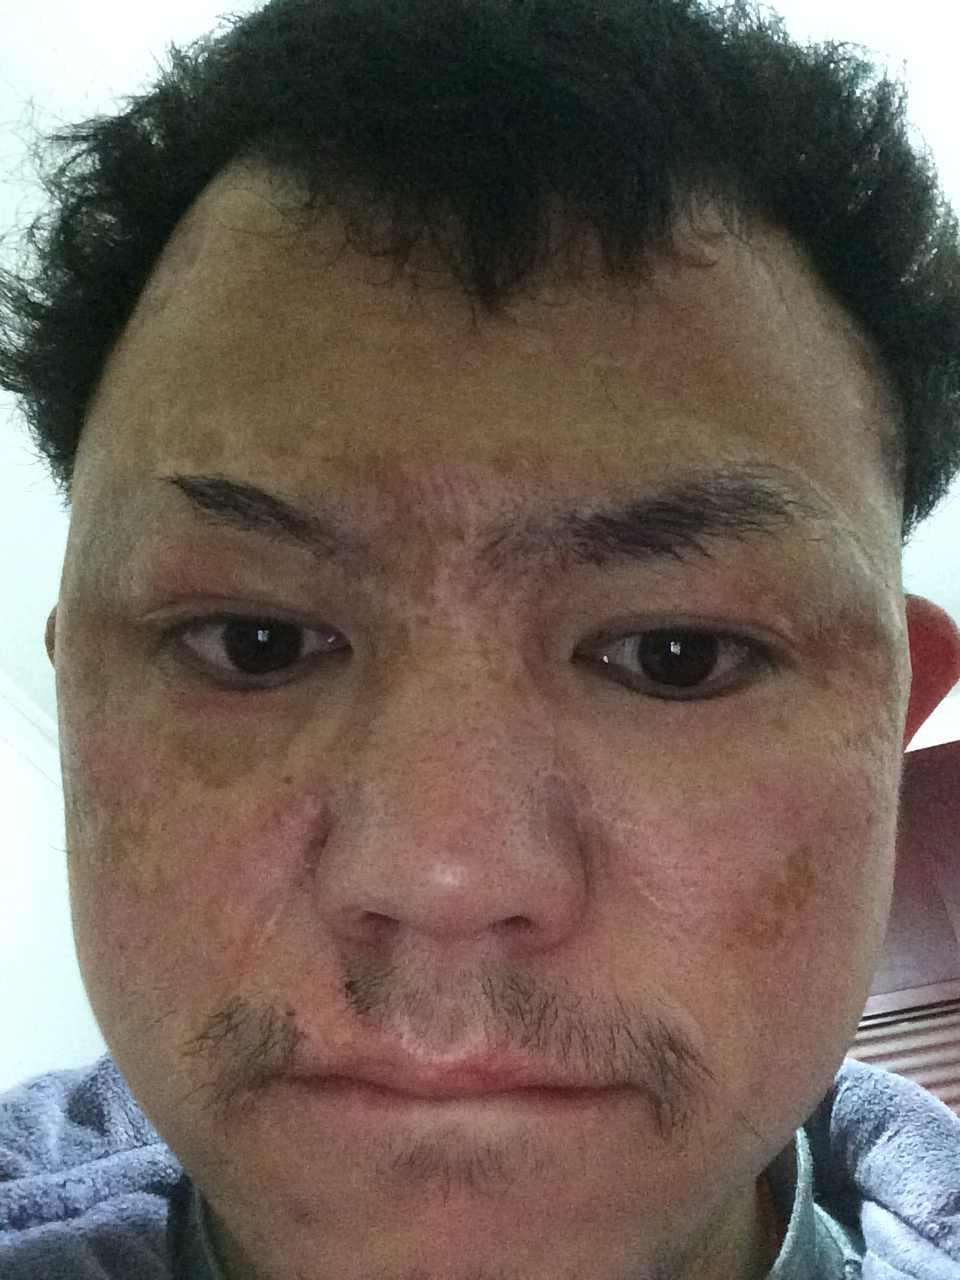 怎样让疤痕淡化,大家看看我这个样子应该怎么整,整哪里